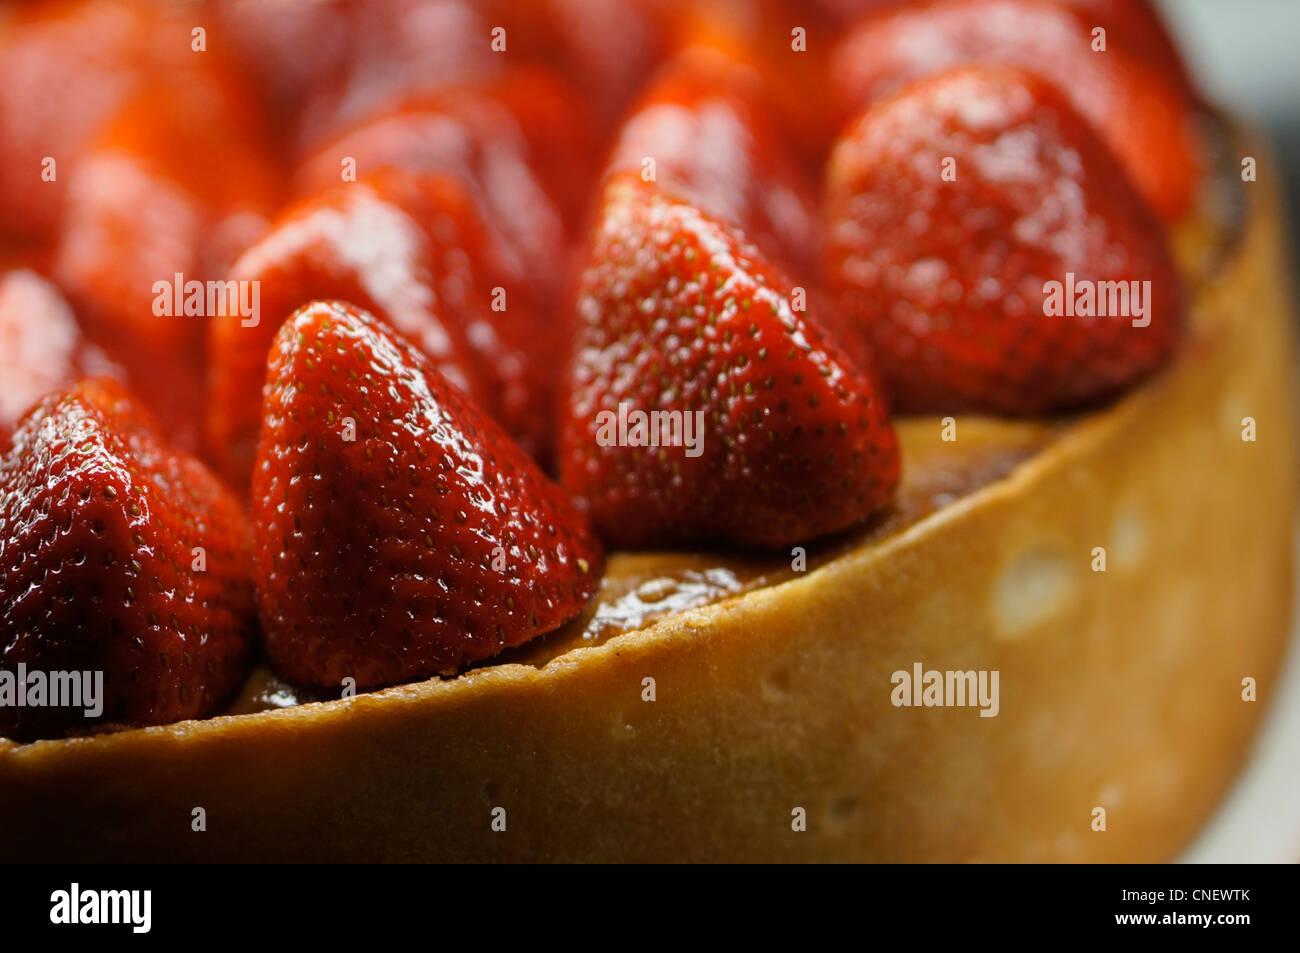 Strawberry Cheesecake, Kuchen mit ganzen Erdbeeren Stockbild